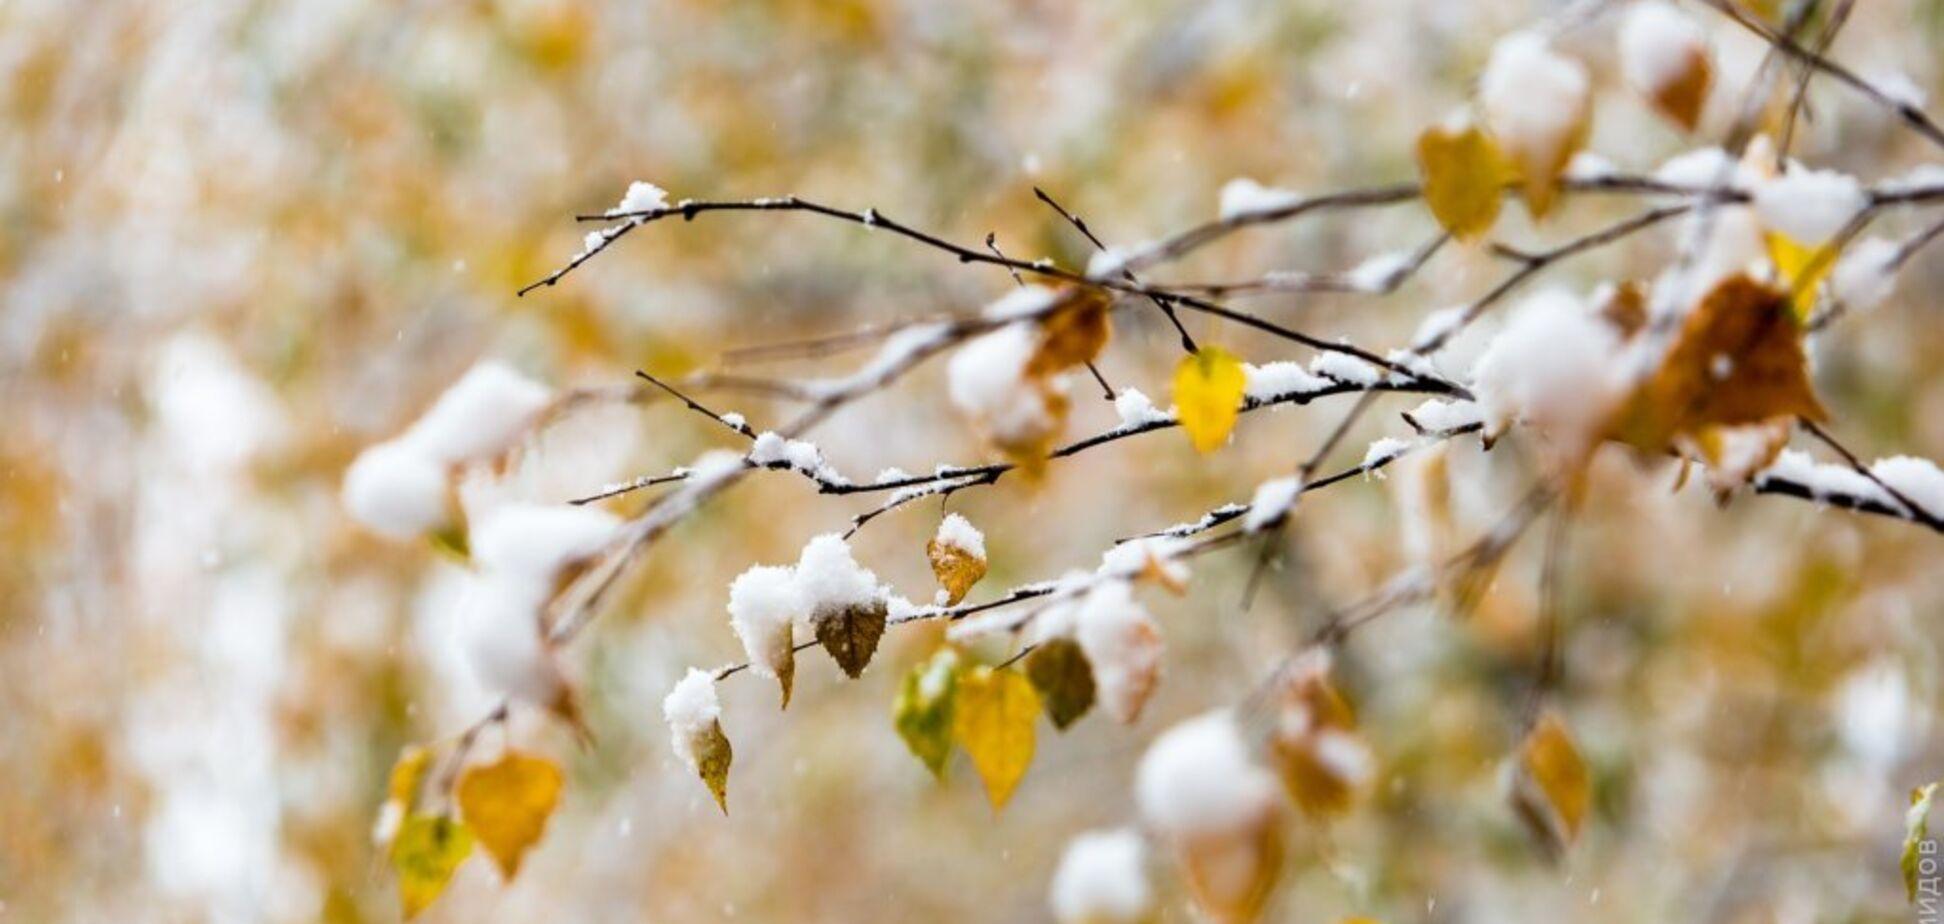 До -23! Синоптики рассказали о суровой погоде в октябре